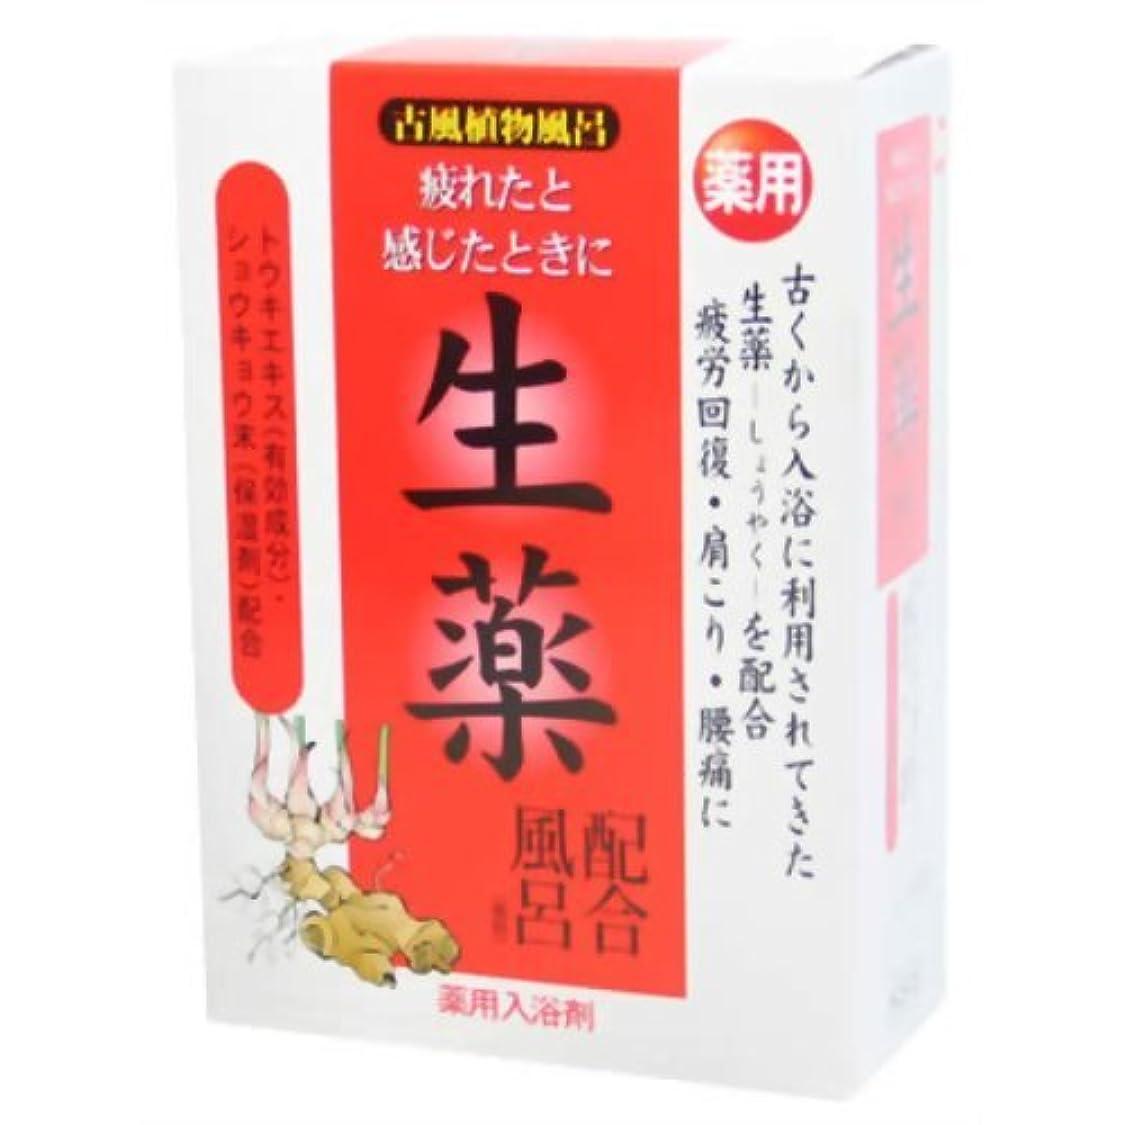 荒れ地憂鬱な暖かく古風植物風呂 生薬配合風呂 25g*5包(入浴剤)